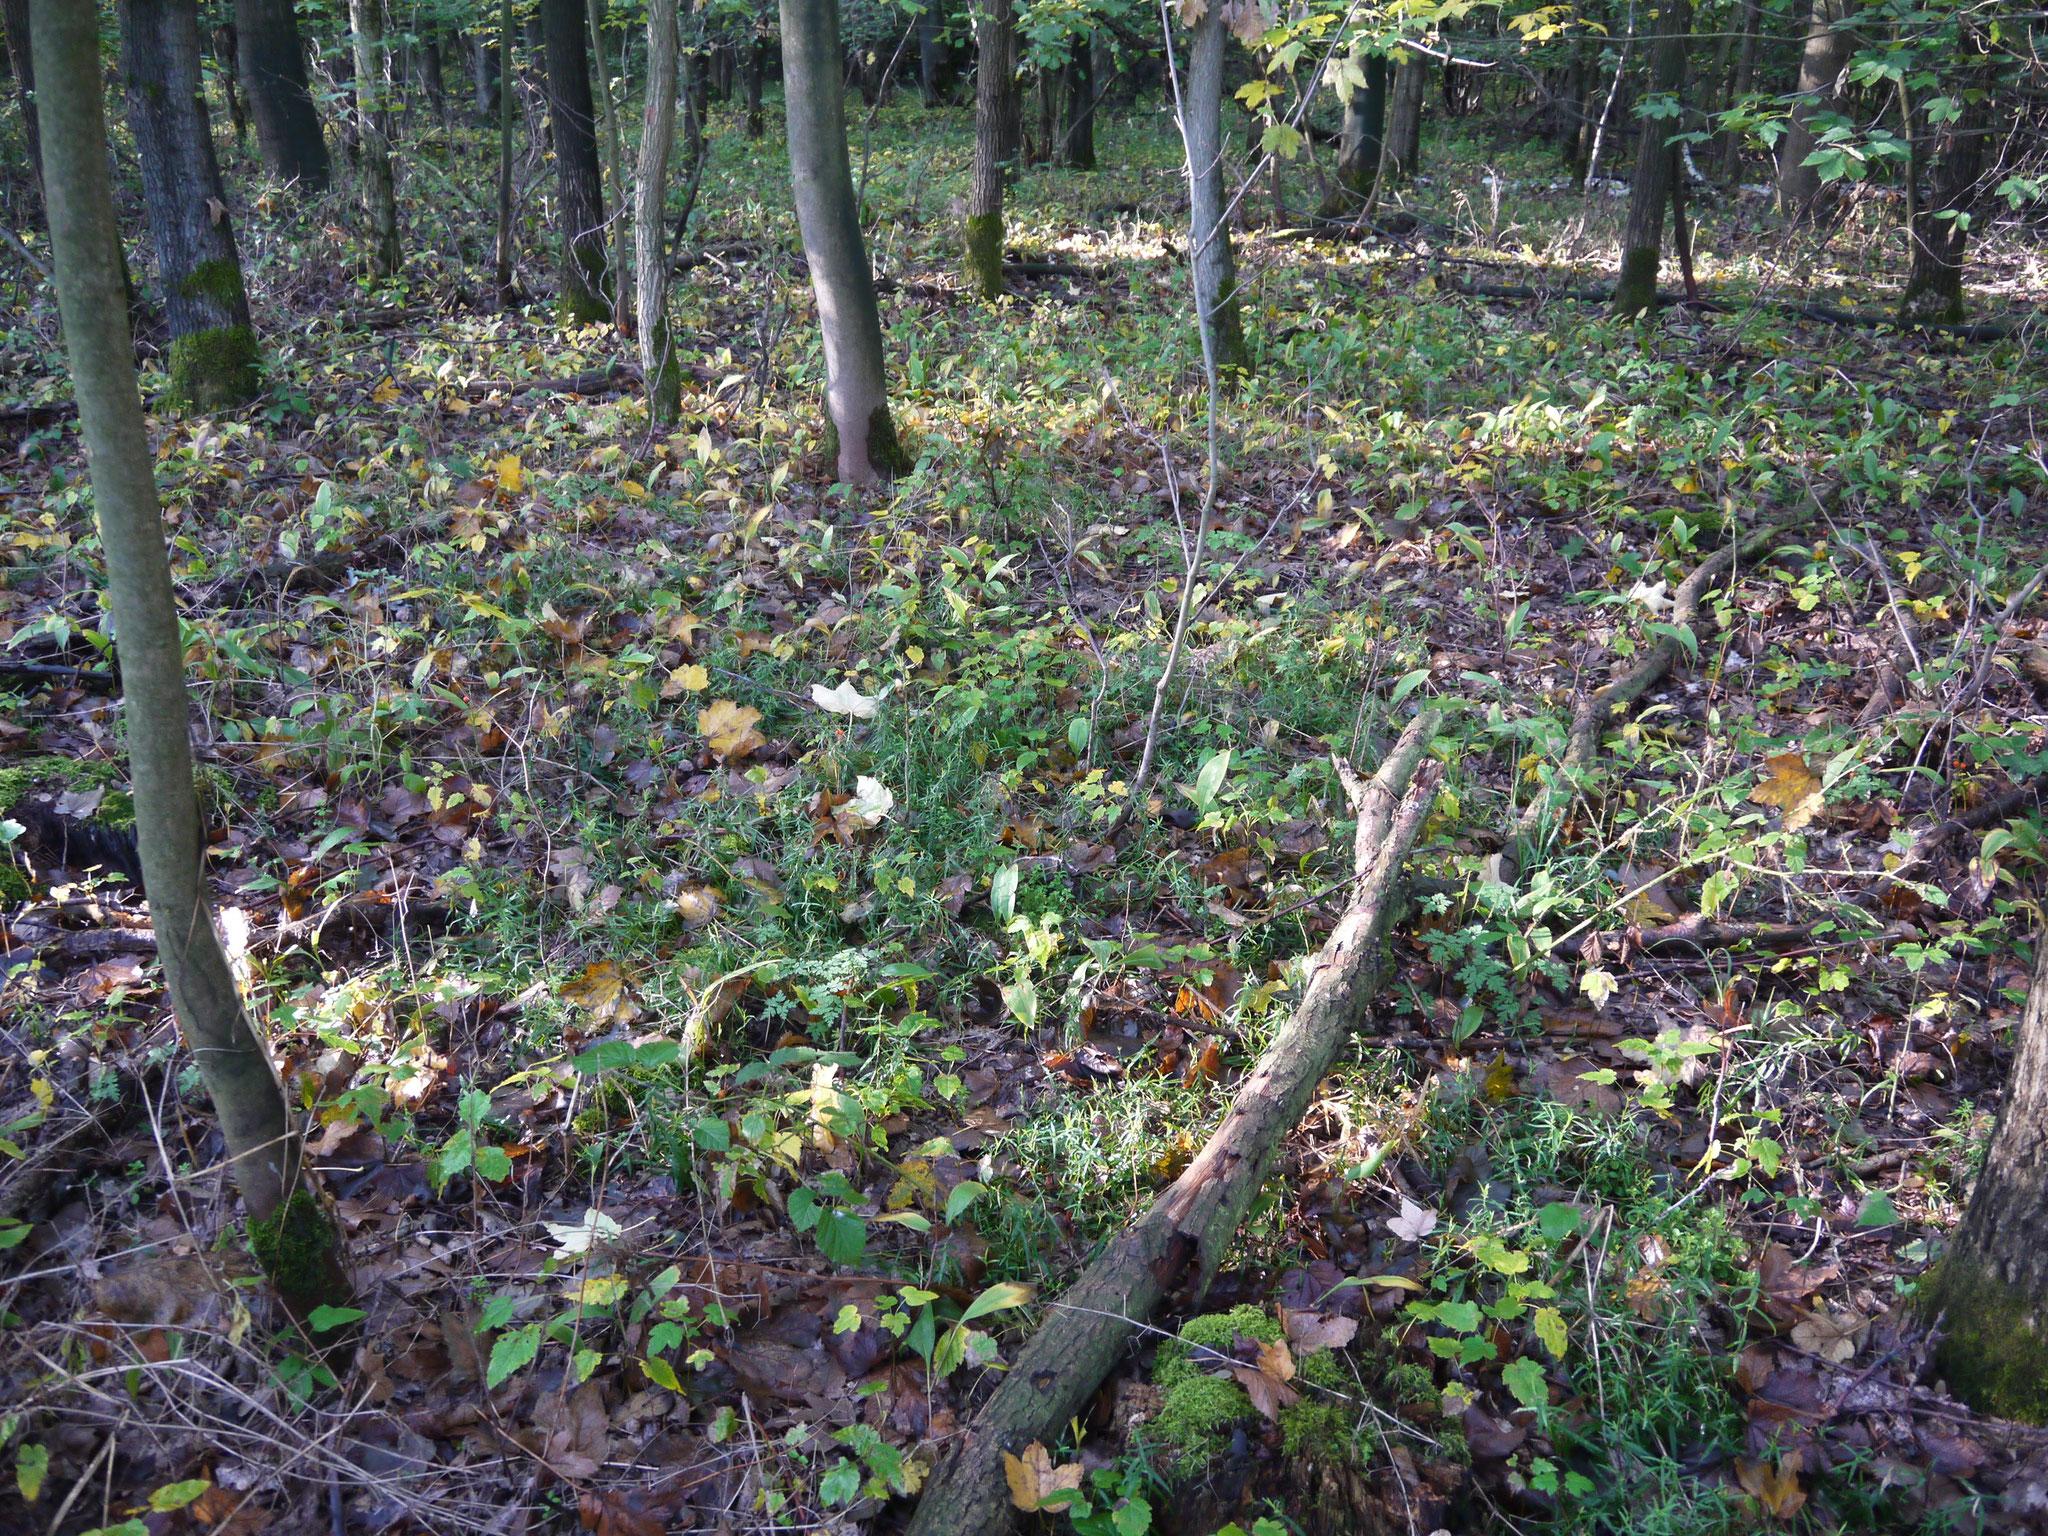 Blick in das Unterholz mit Maiglöckchenbestand; Foto: Michael Wetzel